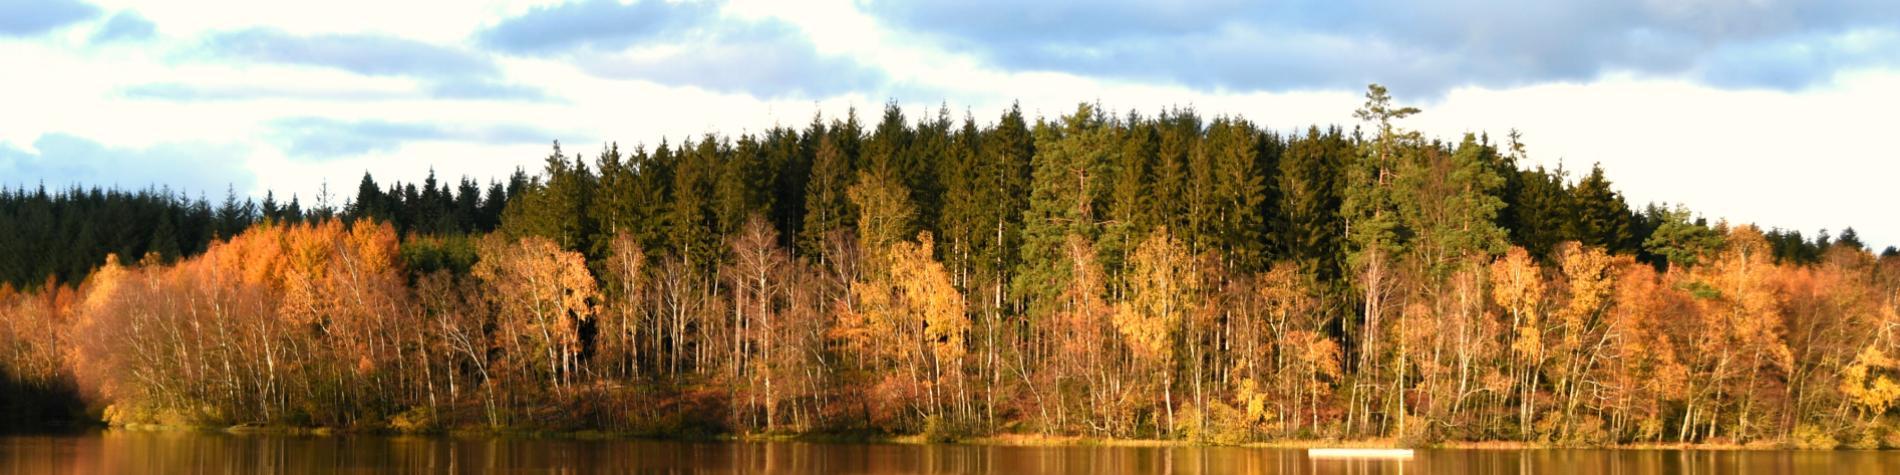 Réserve naturelle des Epioux - Florenville